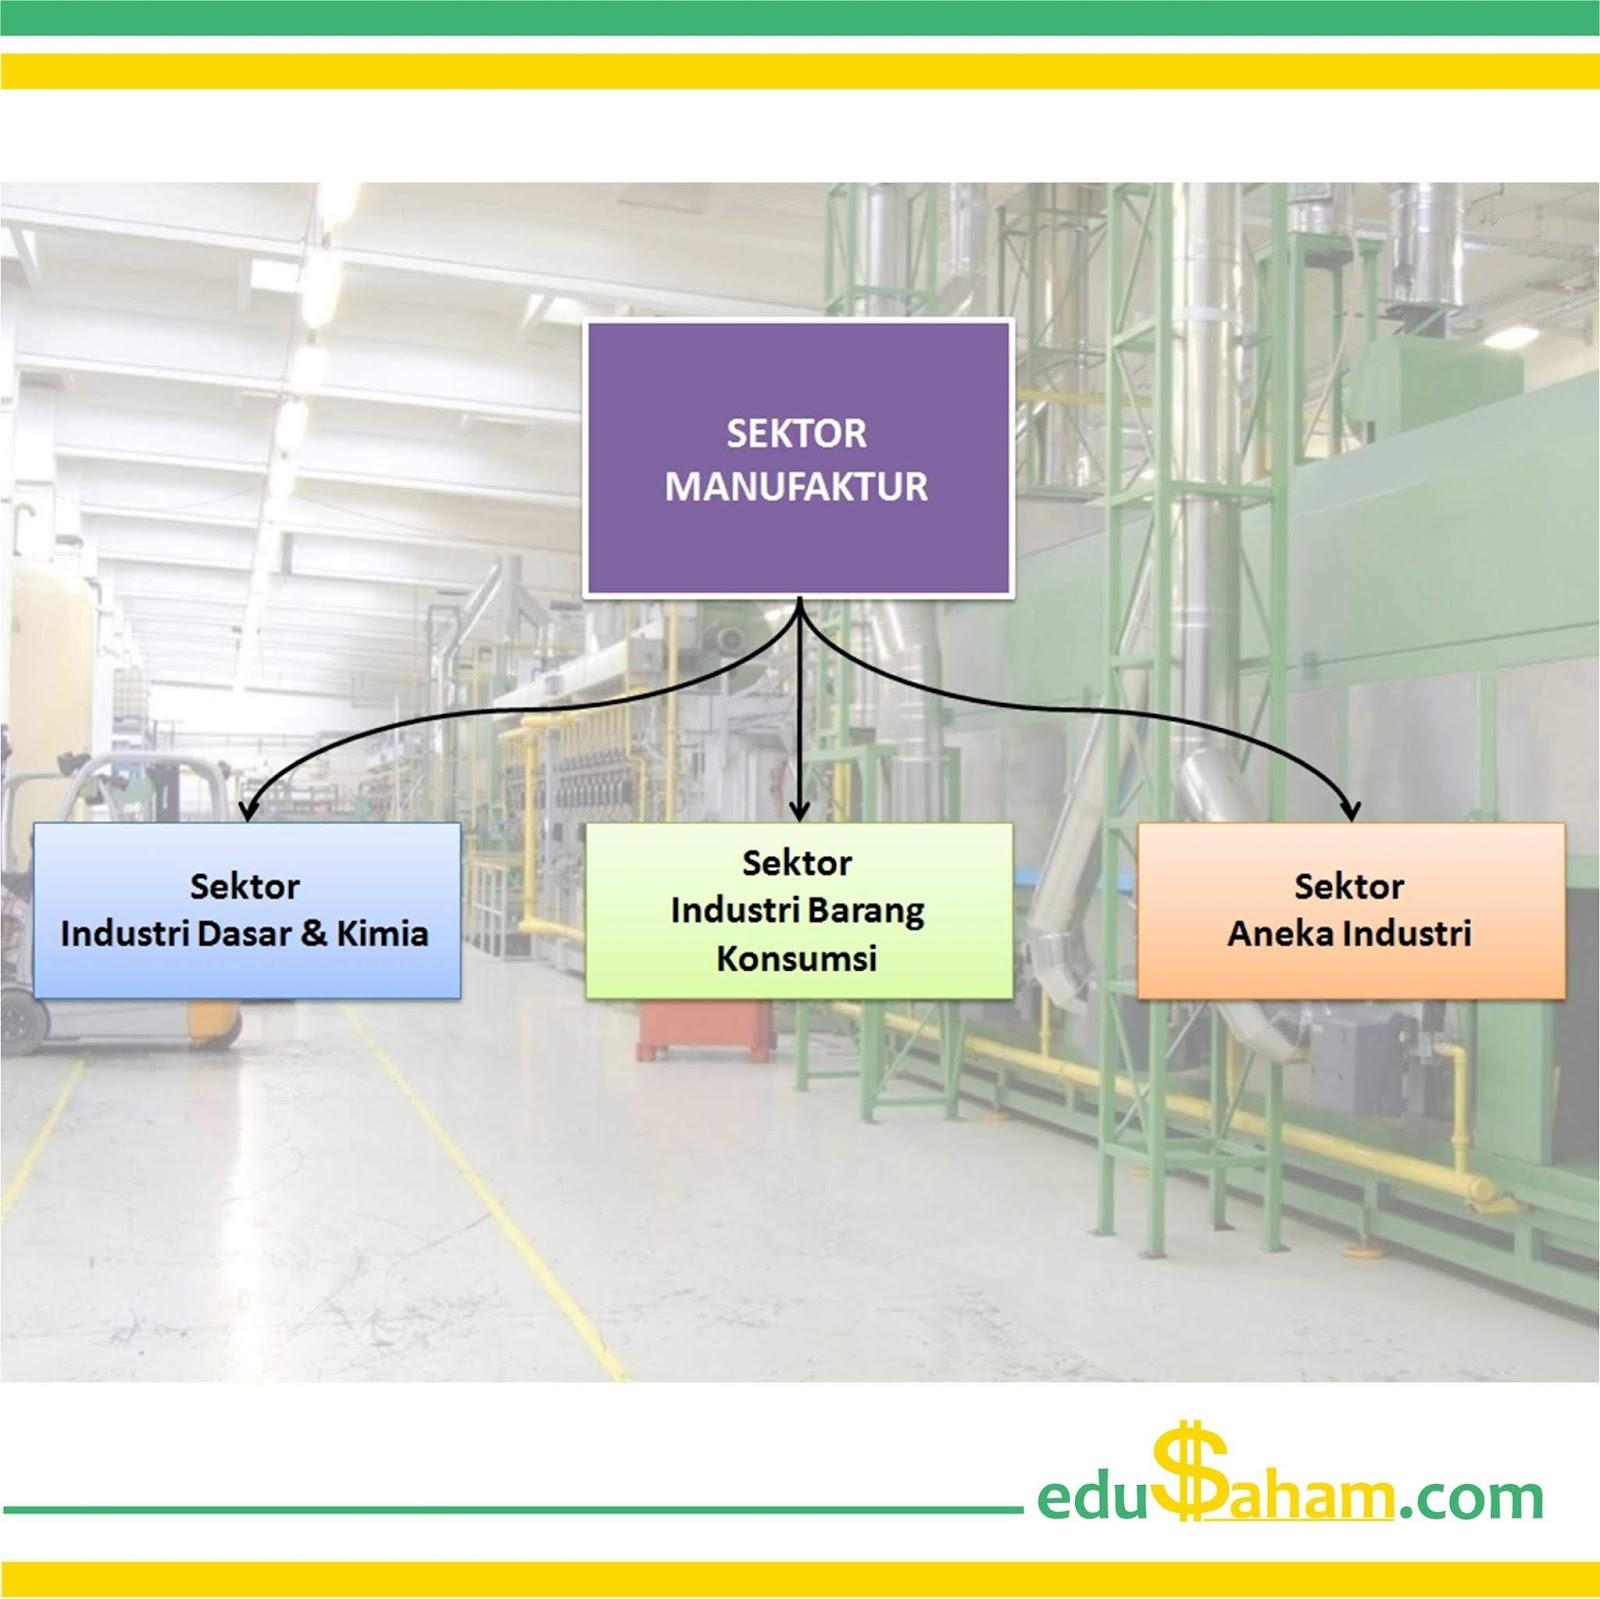 Perusahaan Sektor Manufaktur Yang Terdaftar Di Bei Edusaham